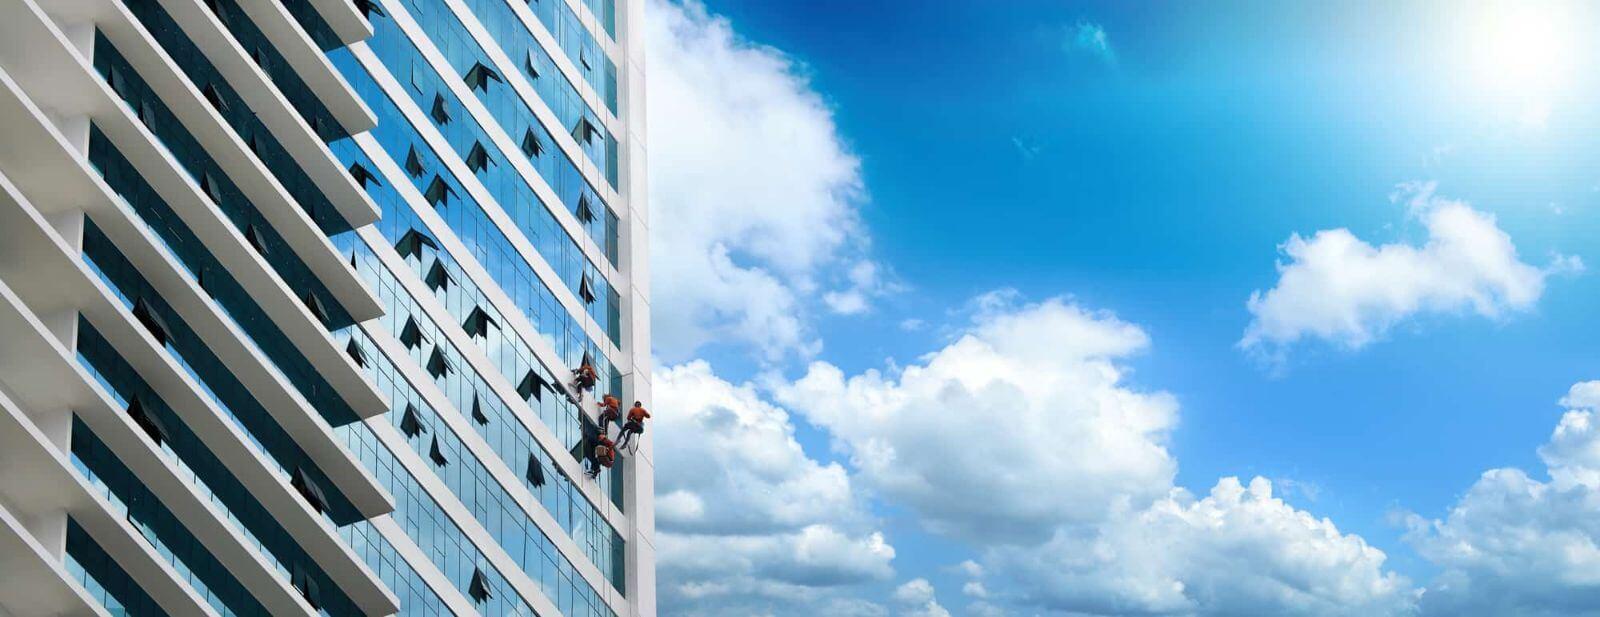 7 טיפים שימושיים לעבודה בטוחה בגובה